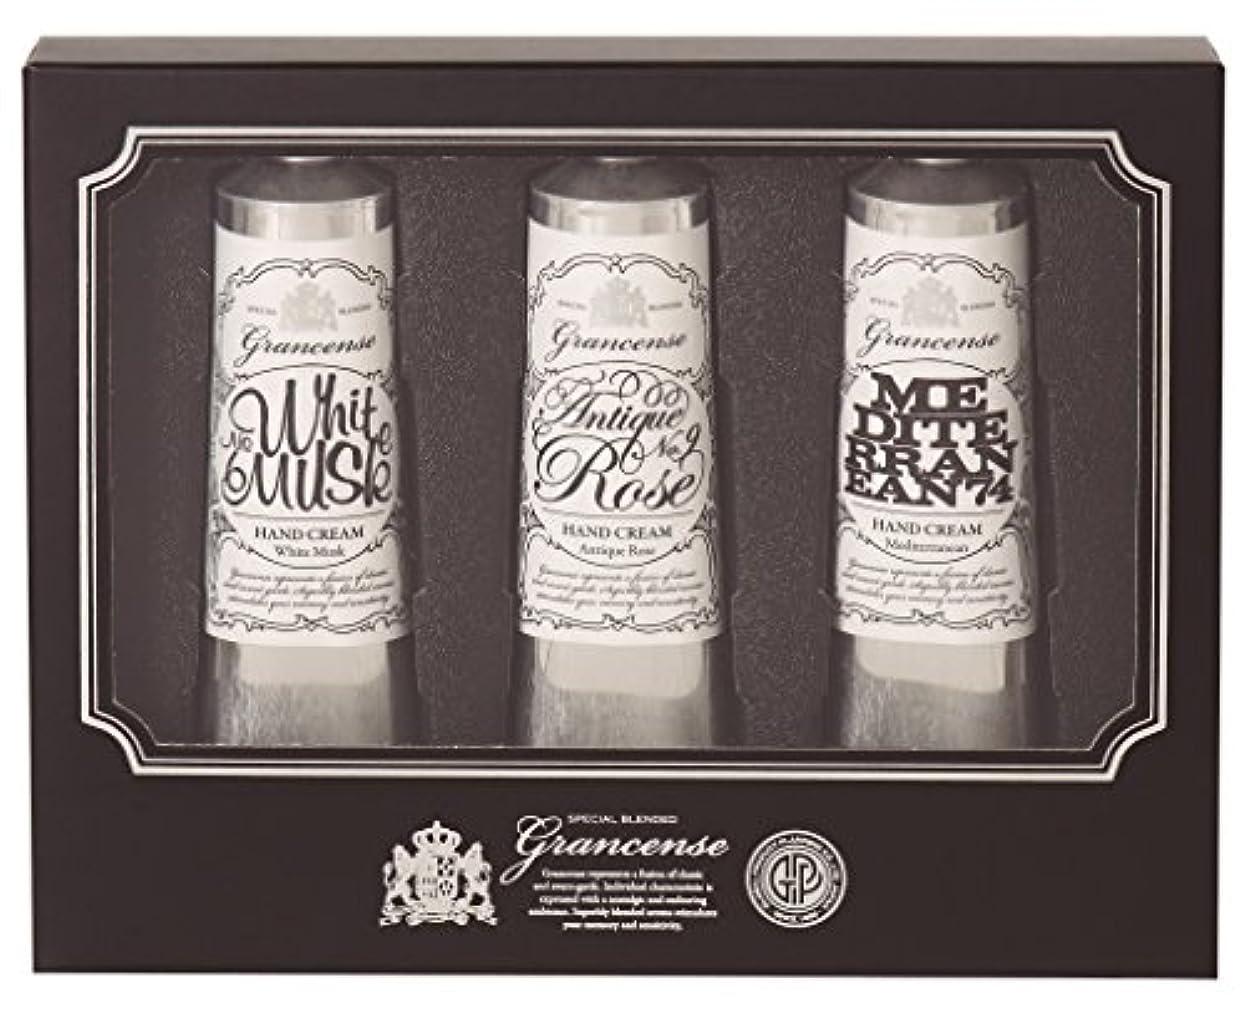 あらゆる種類の野菜ユニークなグランセンス ハンドクリーム 40g×3個セット(手肌用保湿 シアバター配合 日本製 贈答品 箱入り ホワイトムスク&アンティークローズ&メディテレーニアン)